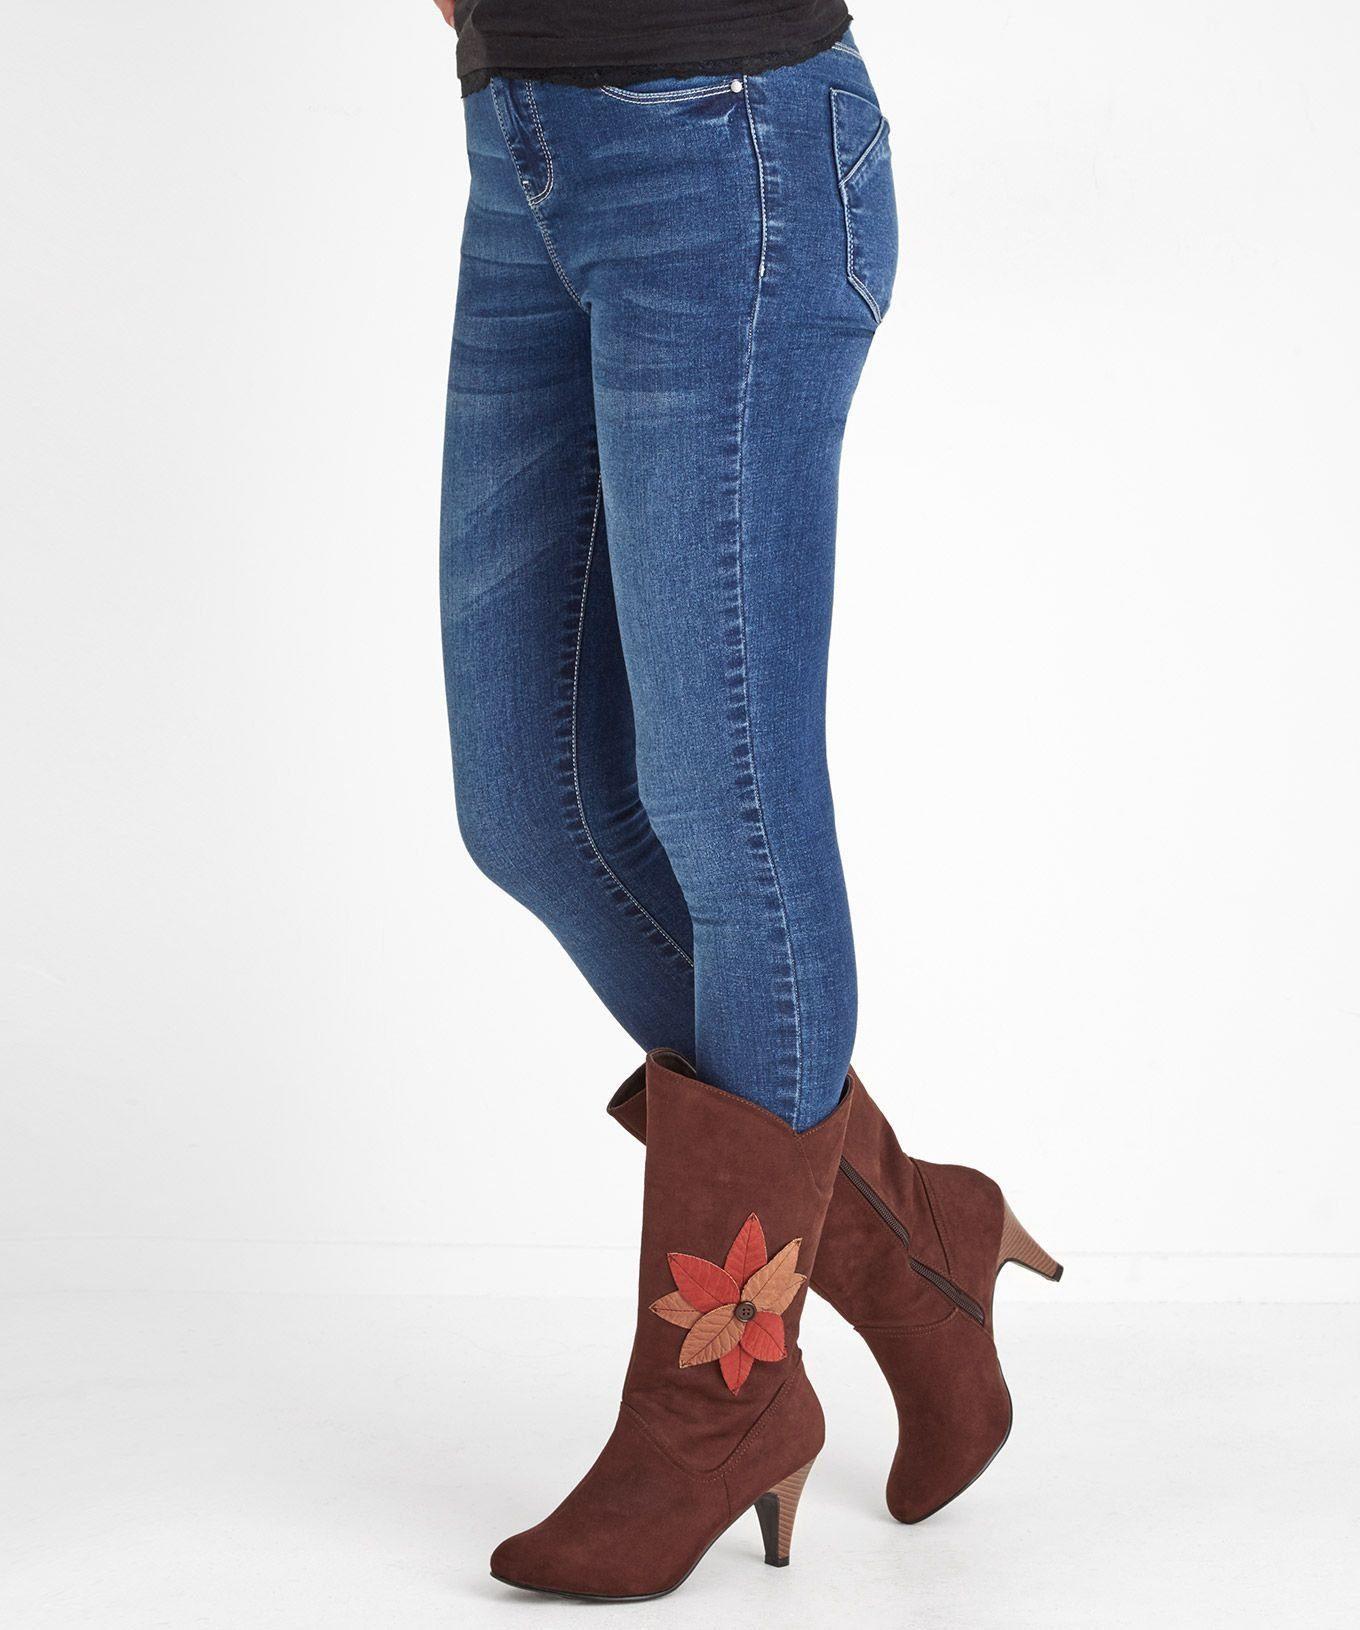 Joe Browns Stiefel online kaufen  braun